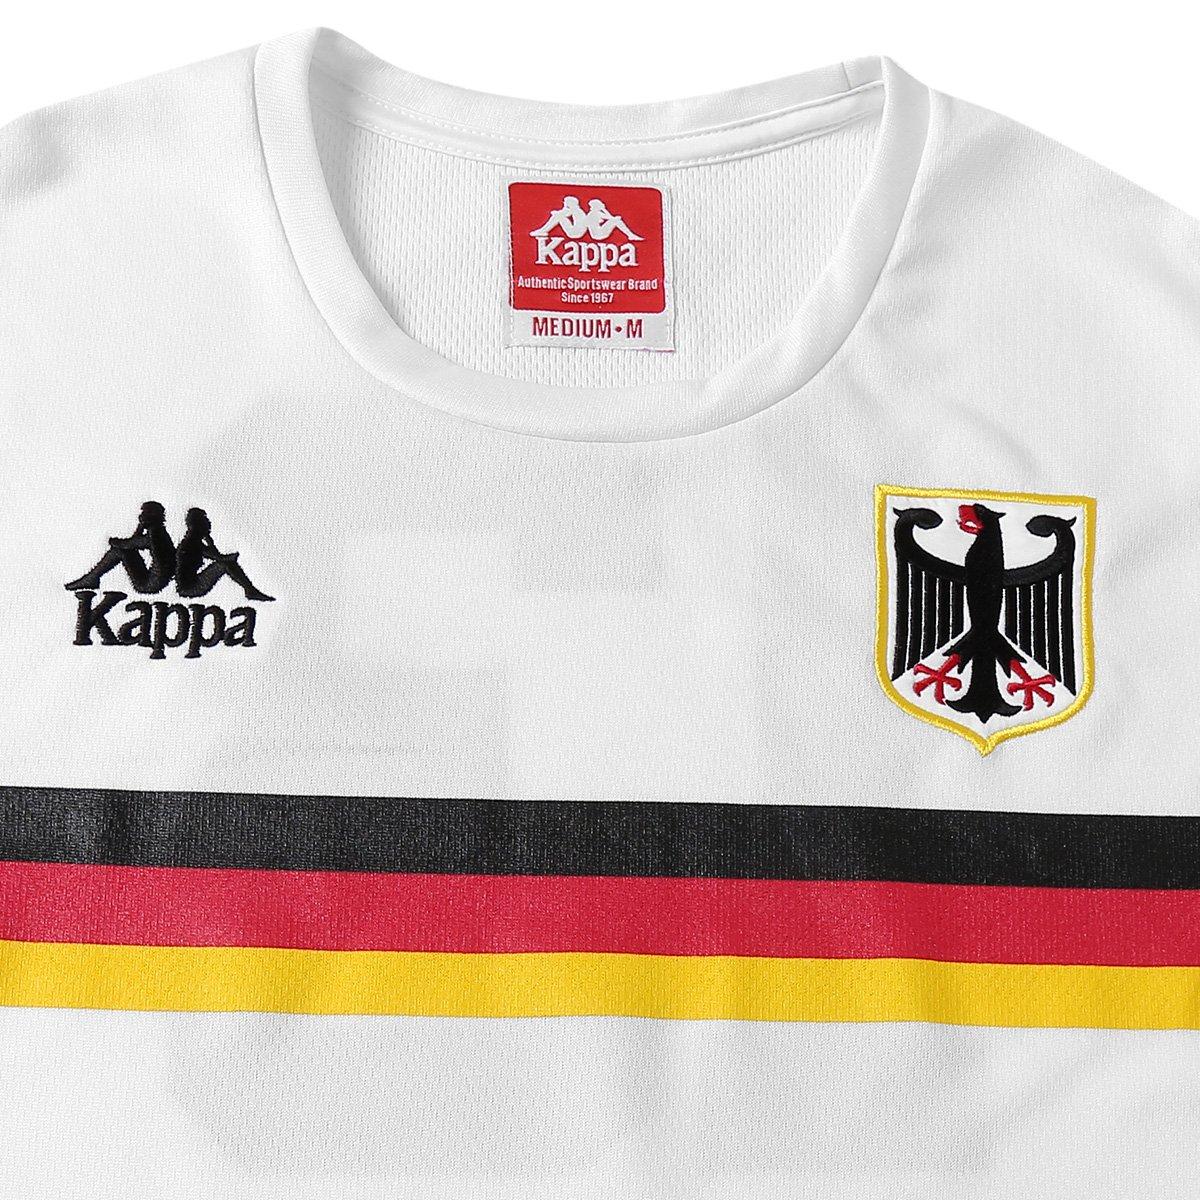 ... Camiseta Kappa Alemanha  Camiseta Kappa Alemanha 6fde108447098